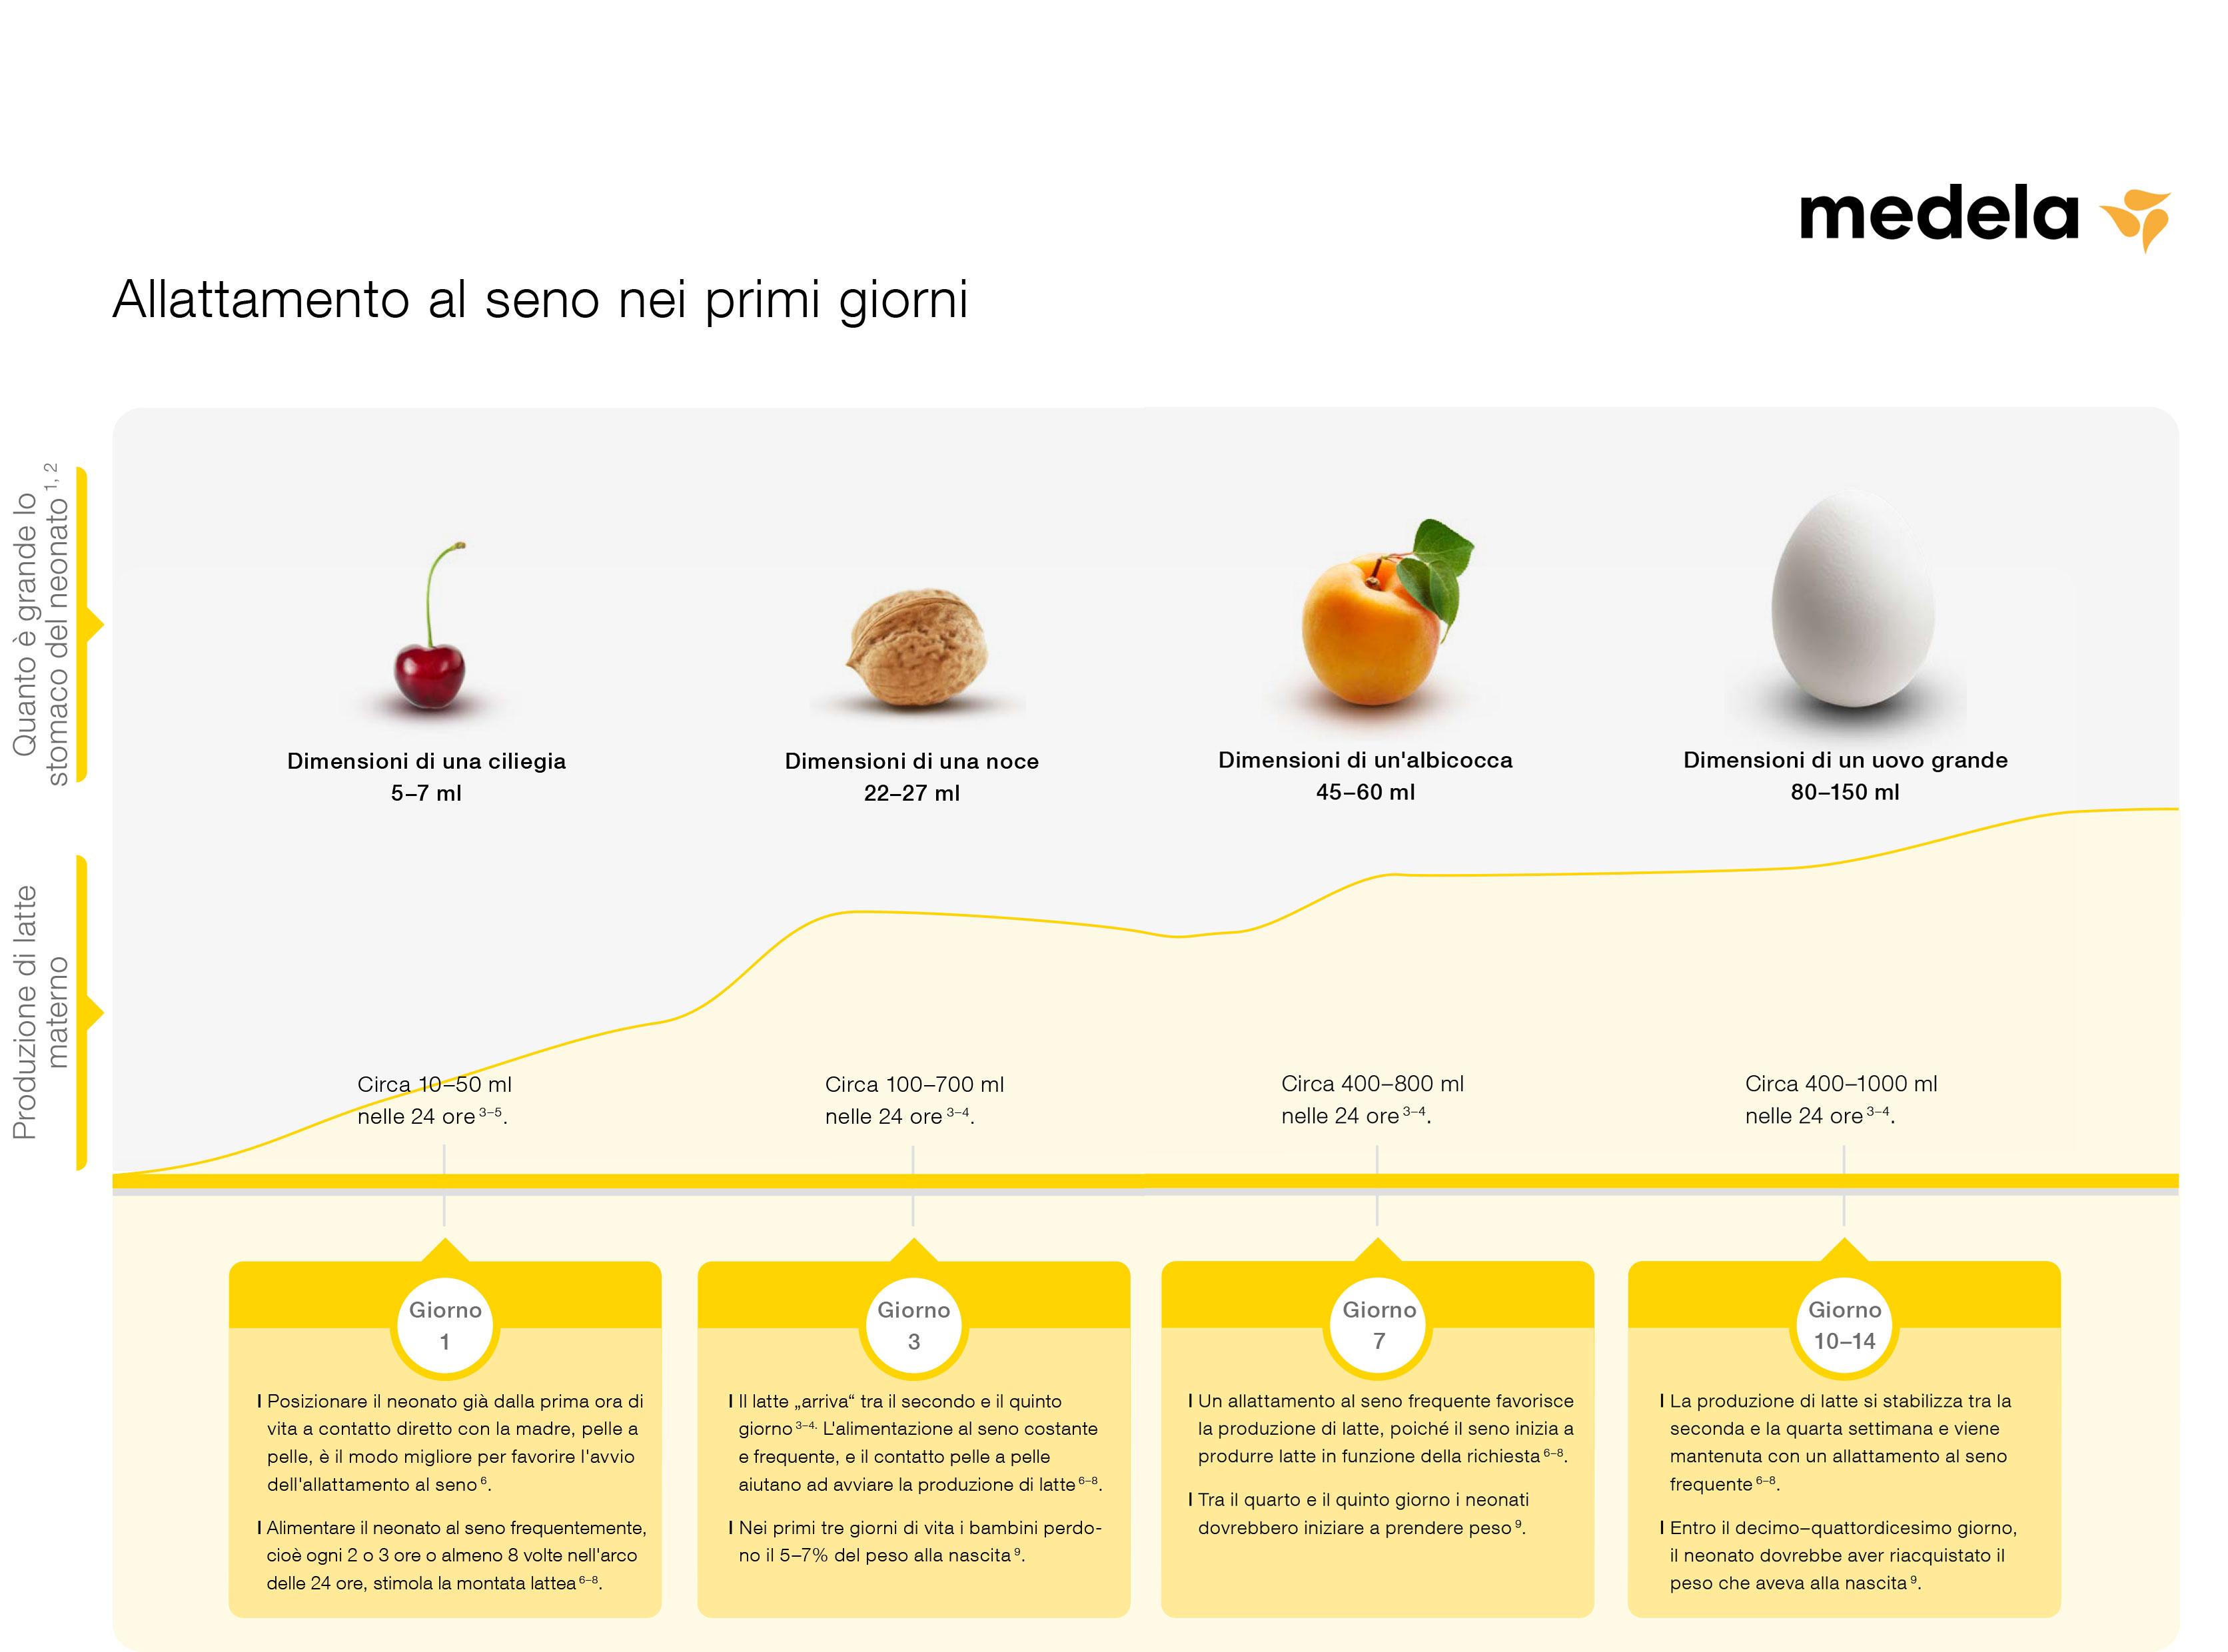 allattamento a richiesta dimensioni stomaco neonato Medela